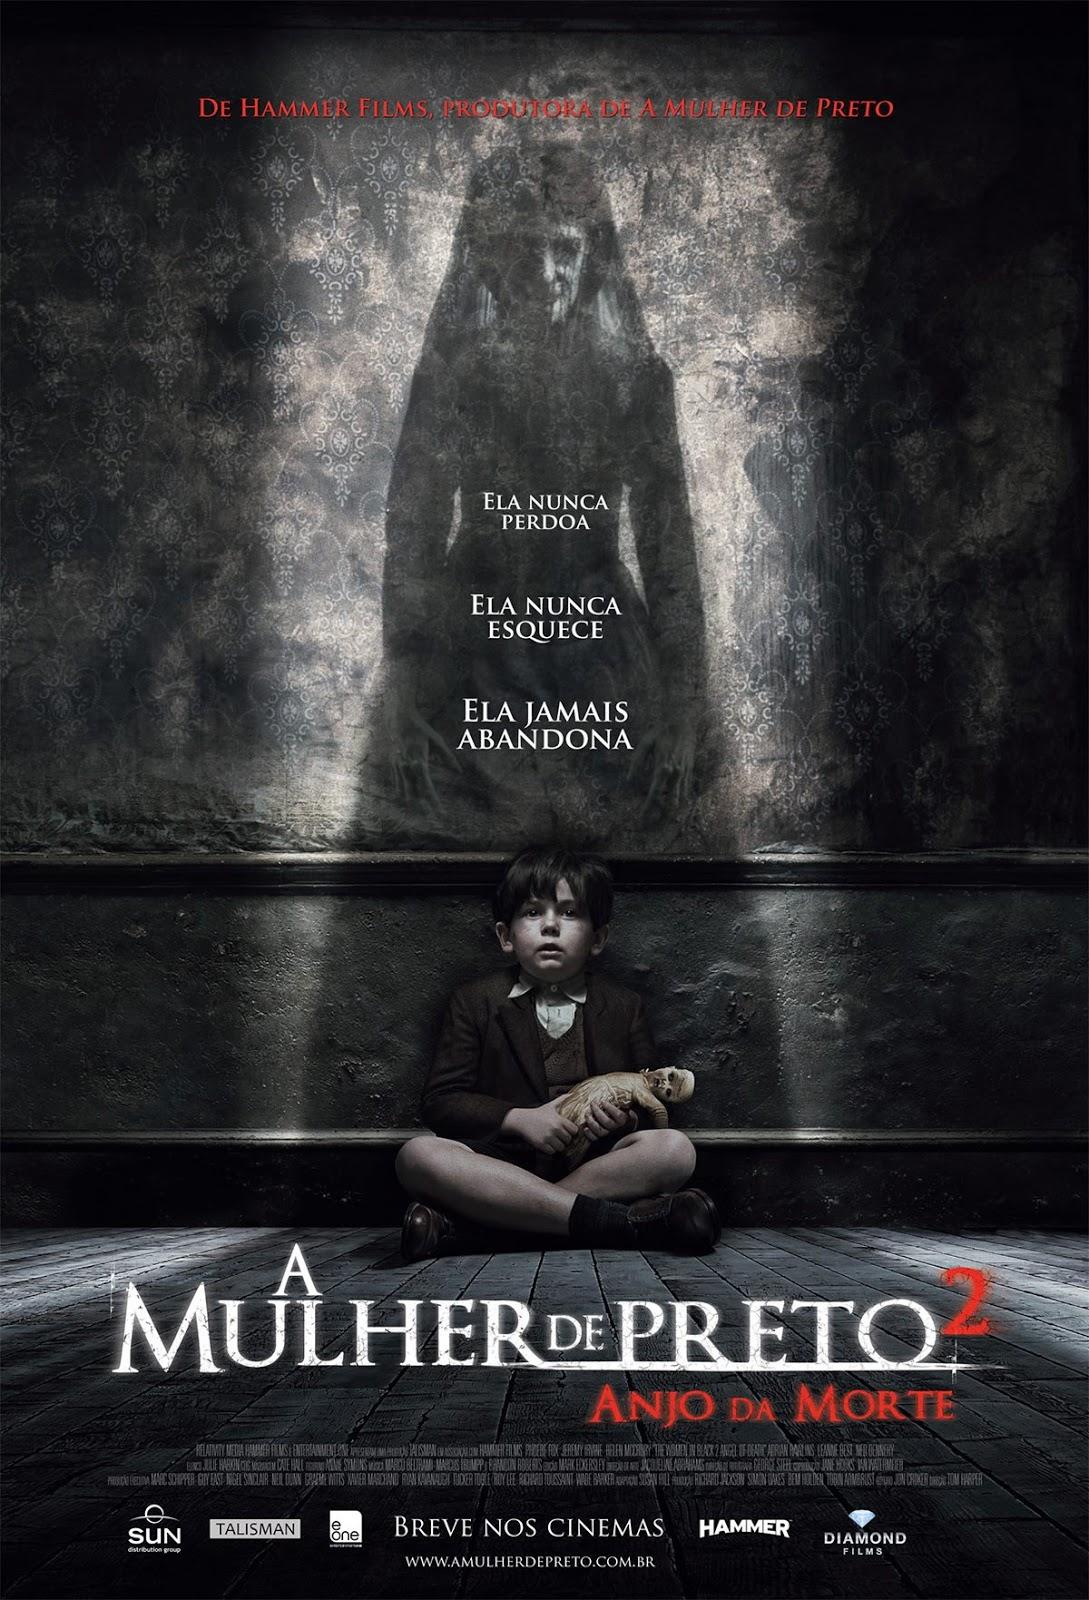 A Mulher de Preto 2: O Anjo da Morte poster nacional